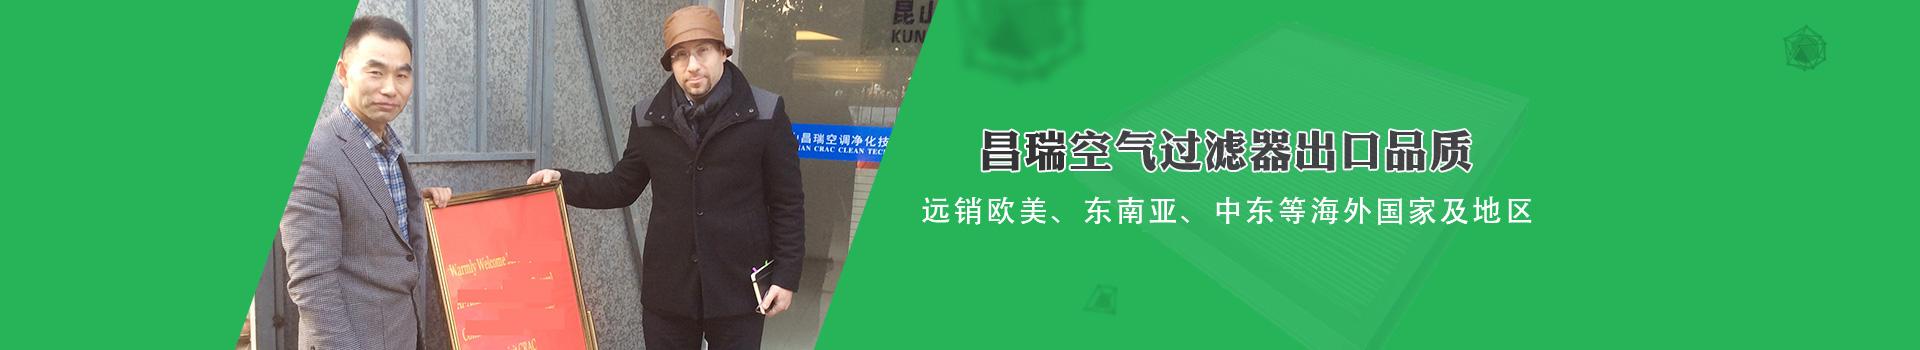 昌瑞空气过滤器出口品质,远销欧美、东南亚、中东等海外国家及地区